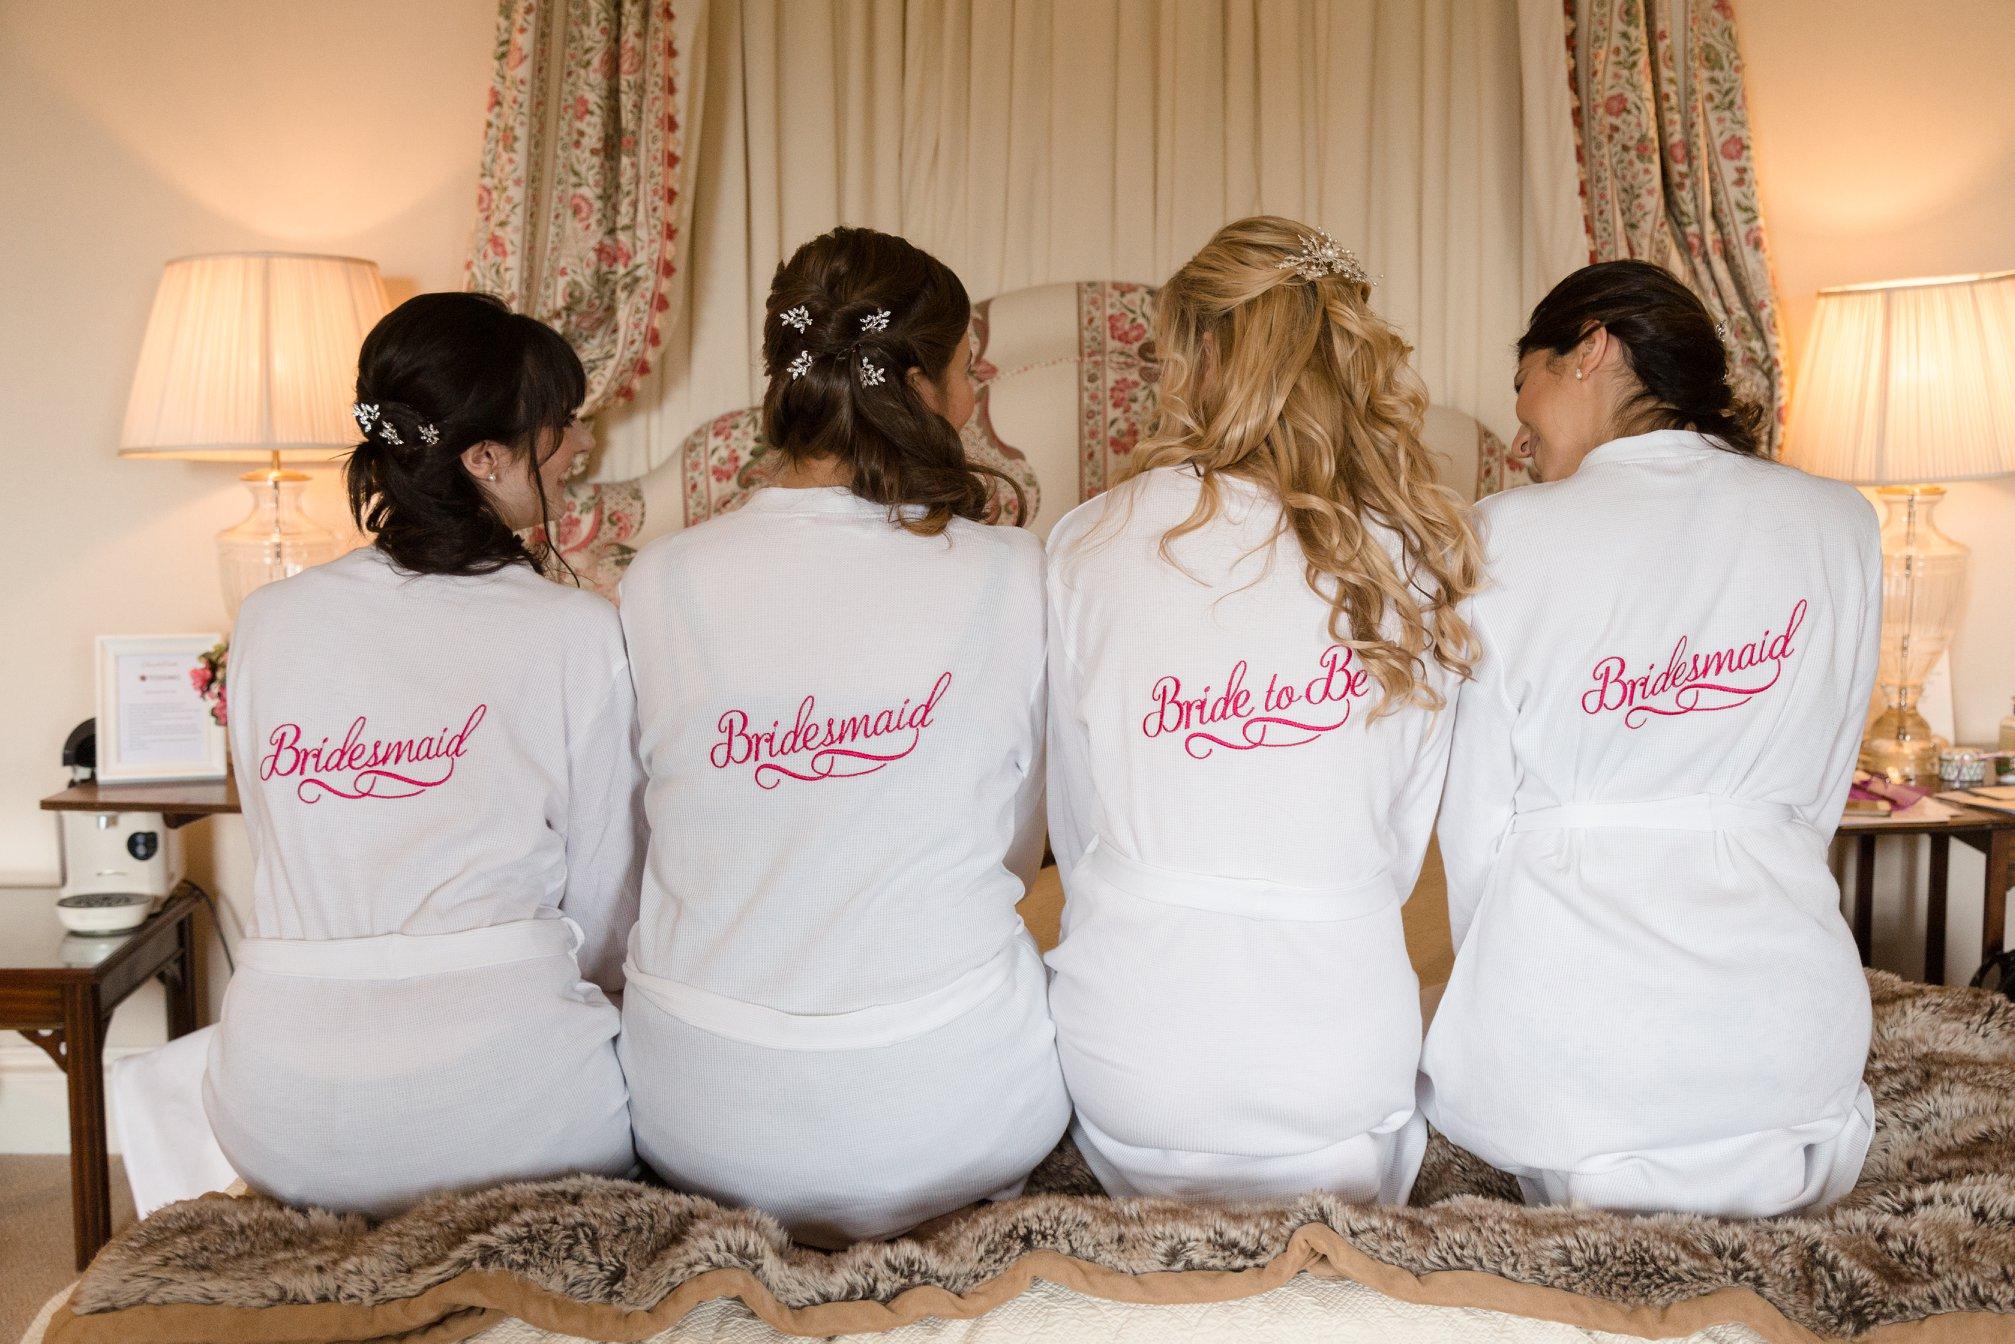 brides-and-bridesmaids.jpg